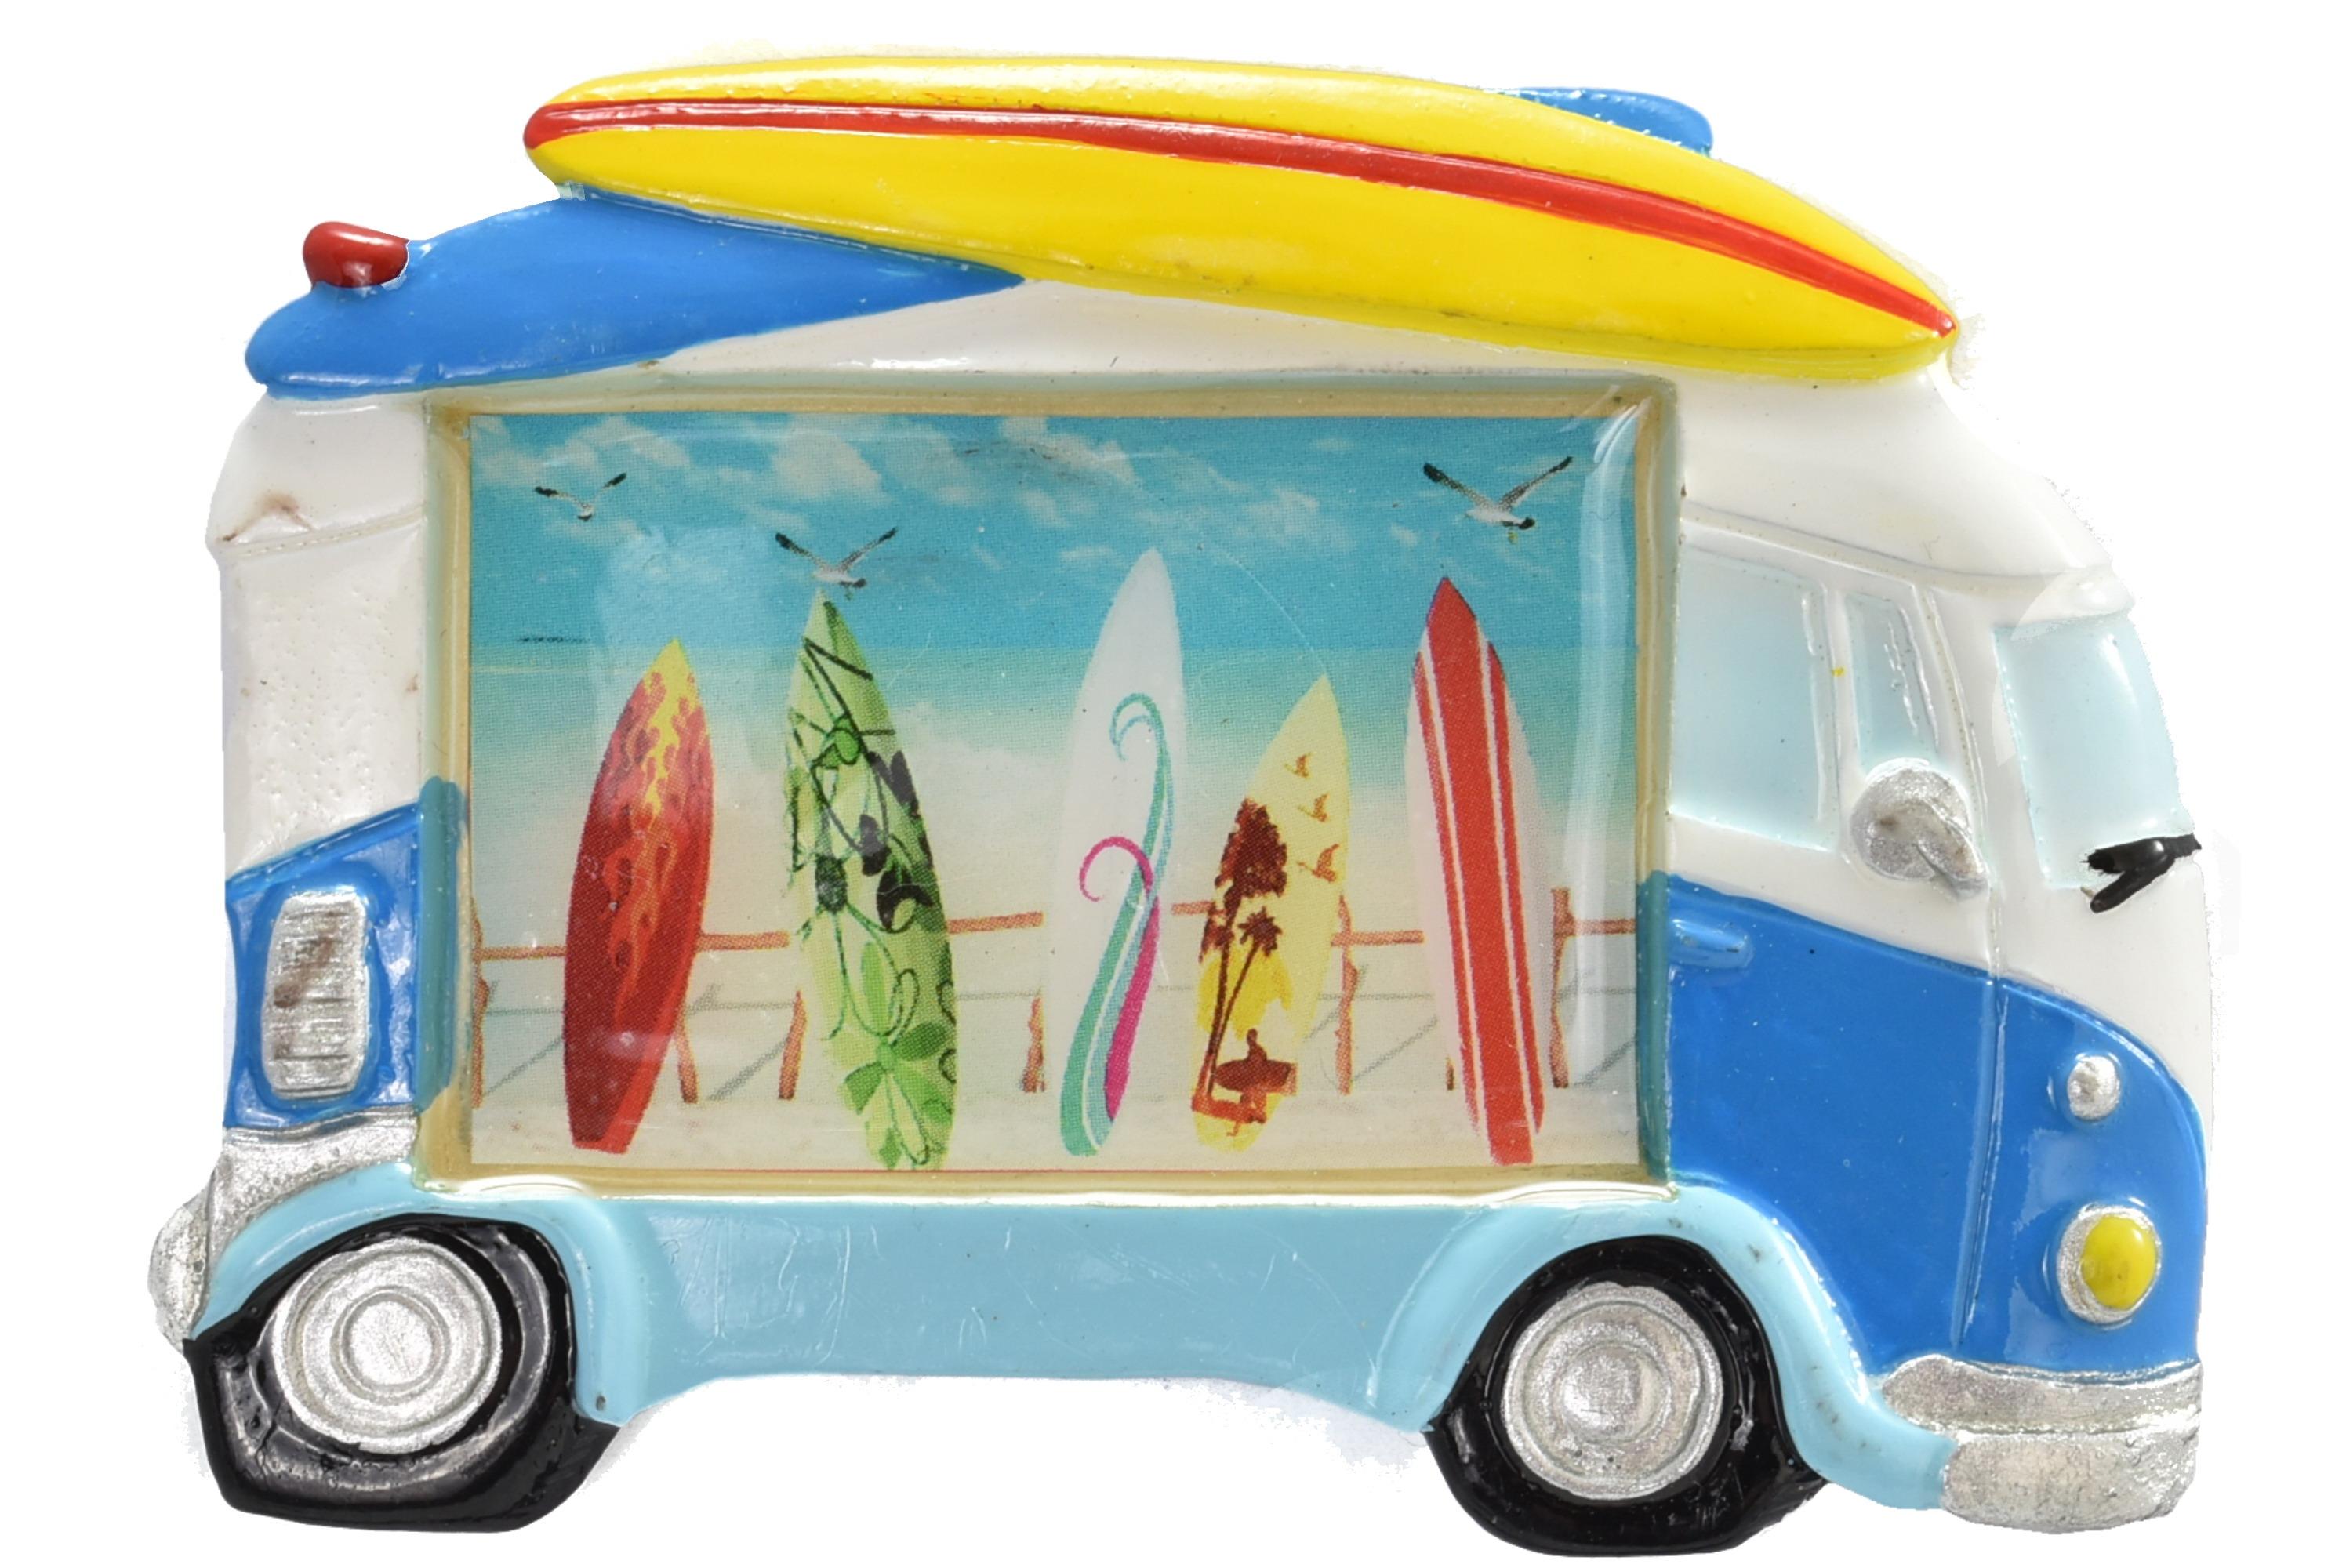 Surfbus Magnet Surfboard Design